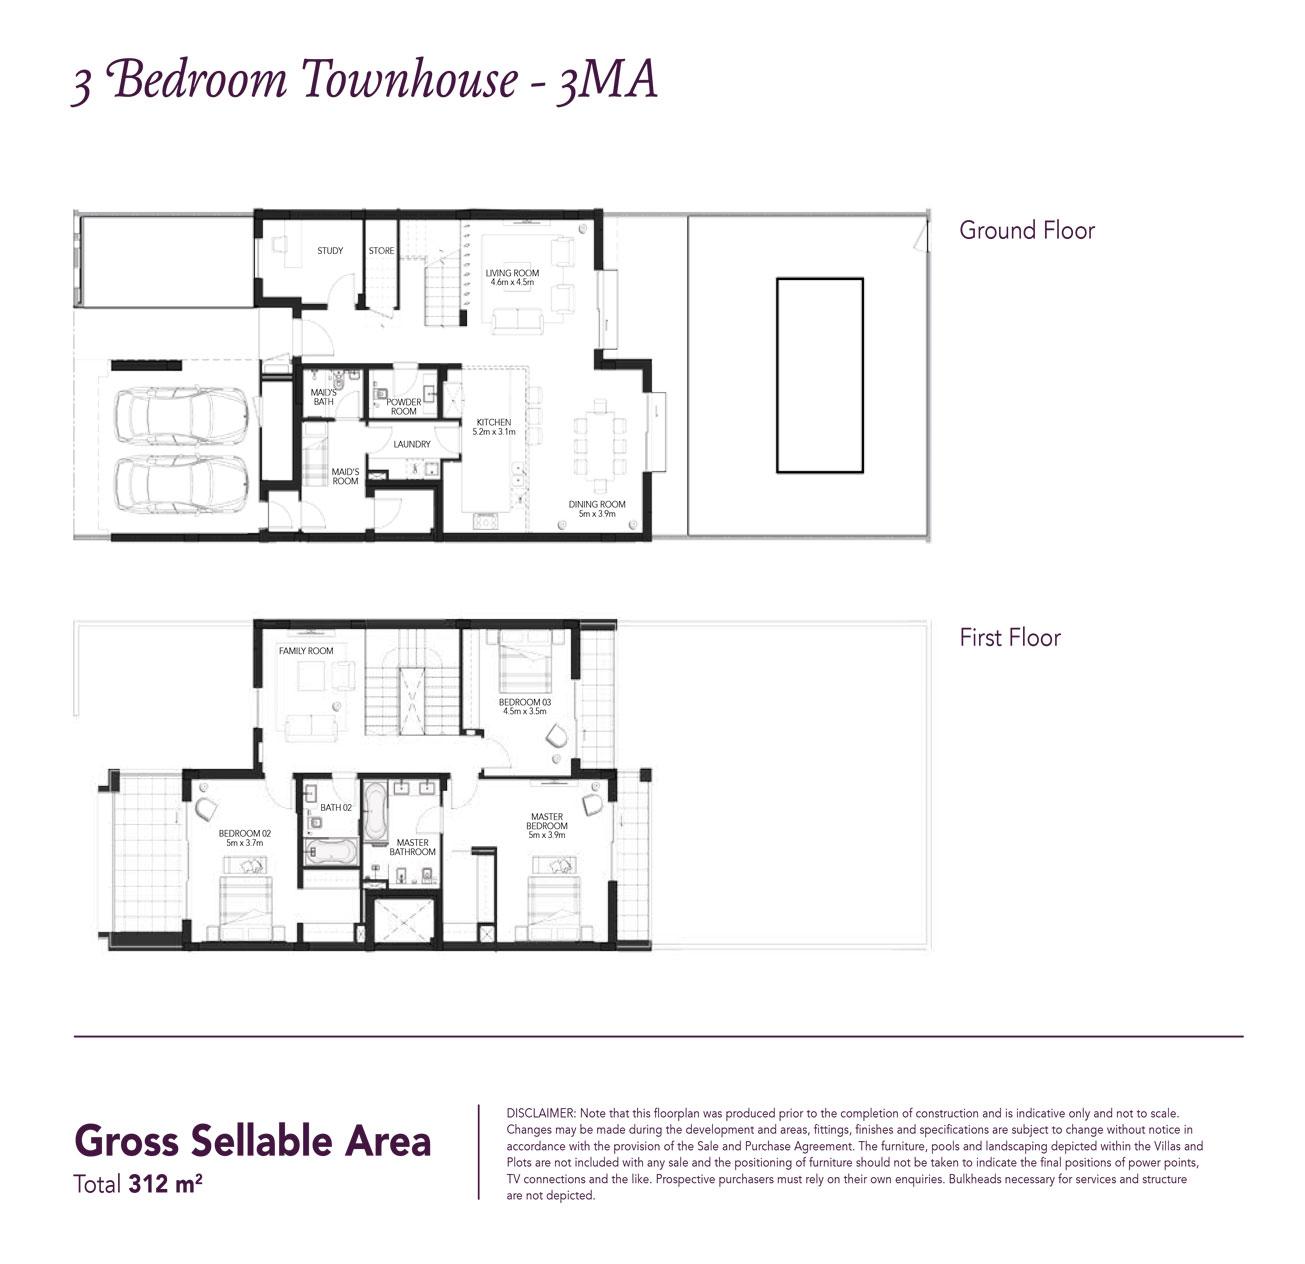 3 Beds Townhouse - Built up area 3,378 SqFt